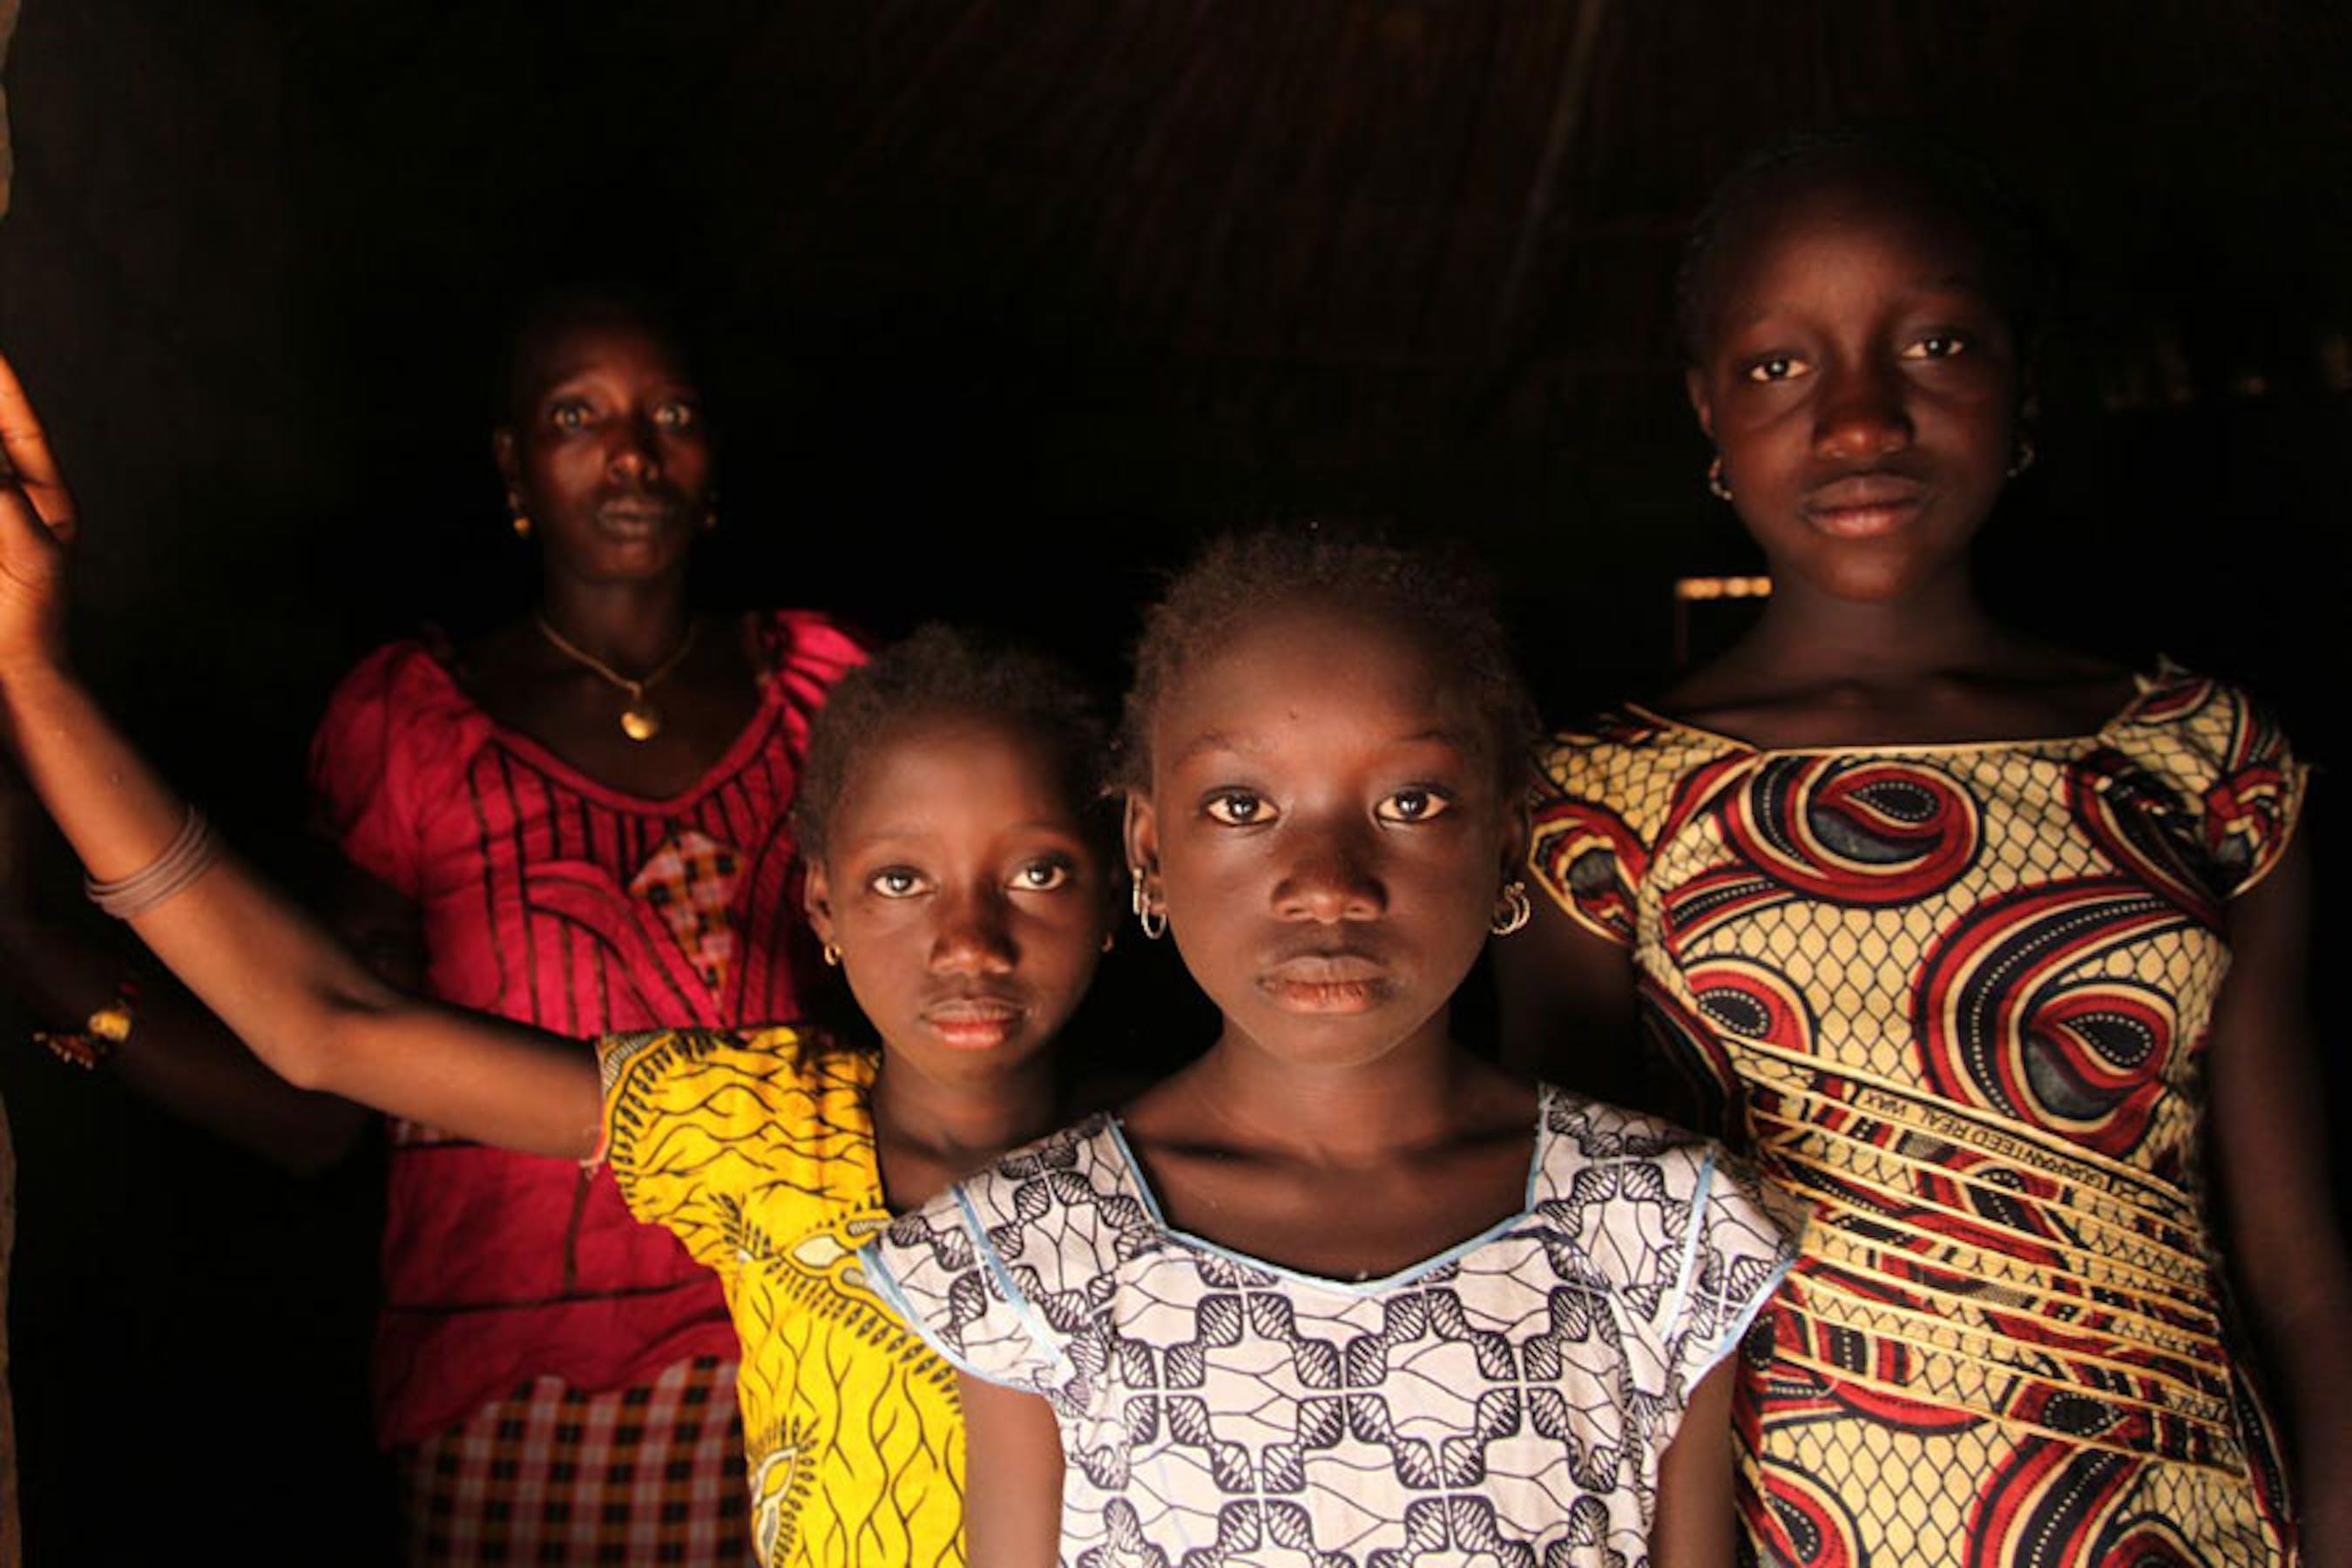 Madre e figlie a Cambadju, il primo villaggio della Guinea Bissau ad avere ufficialmente abolito le mutilazioni genitali femminili nel proprio territorio - ©UNICEF/NYHQ2012-2159/LeMoyne